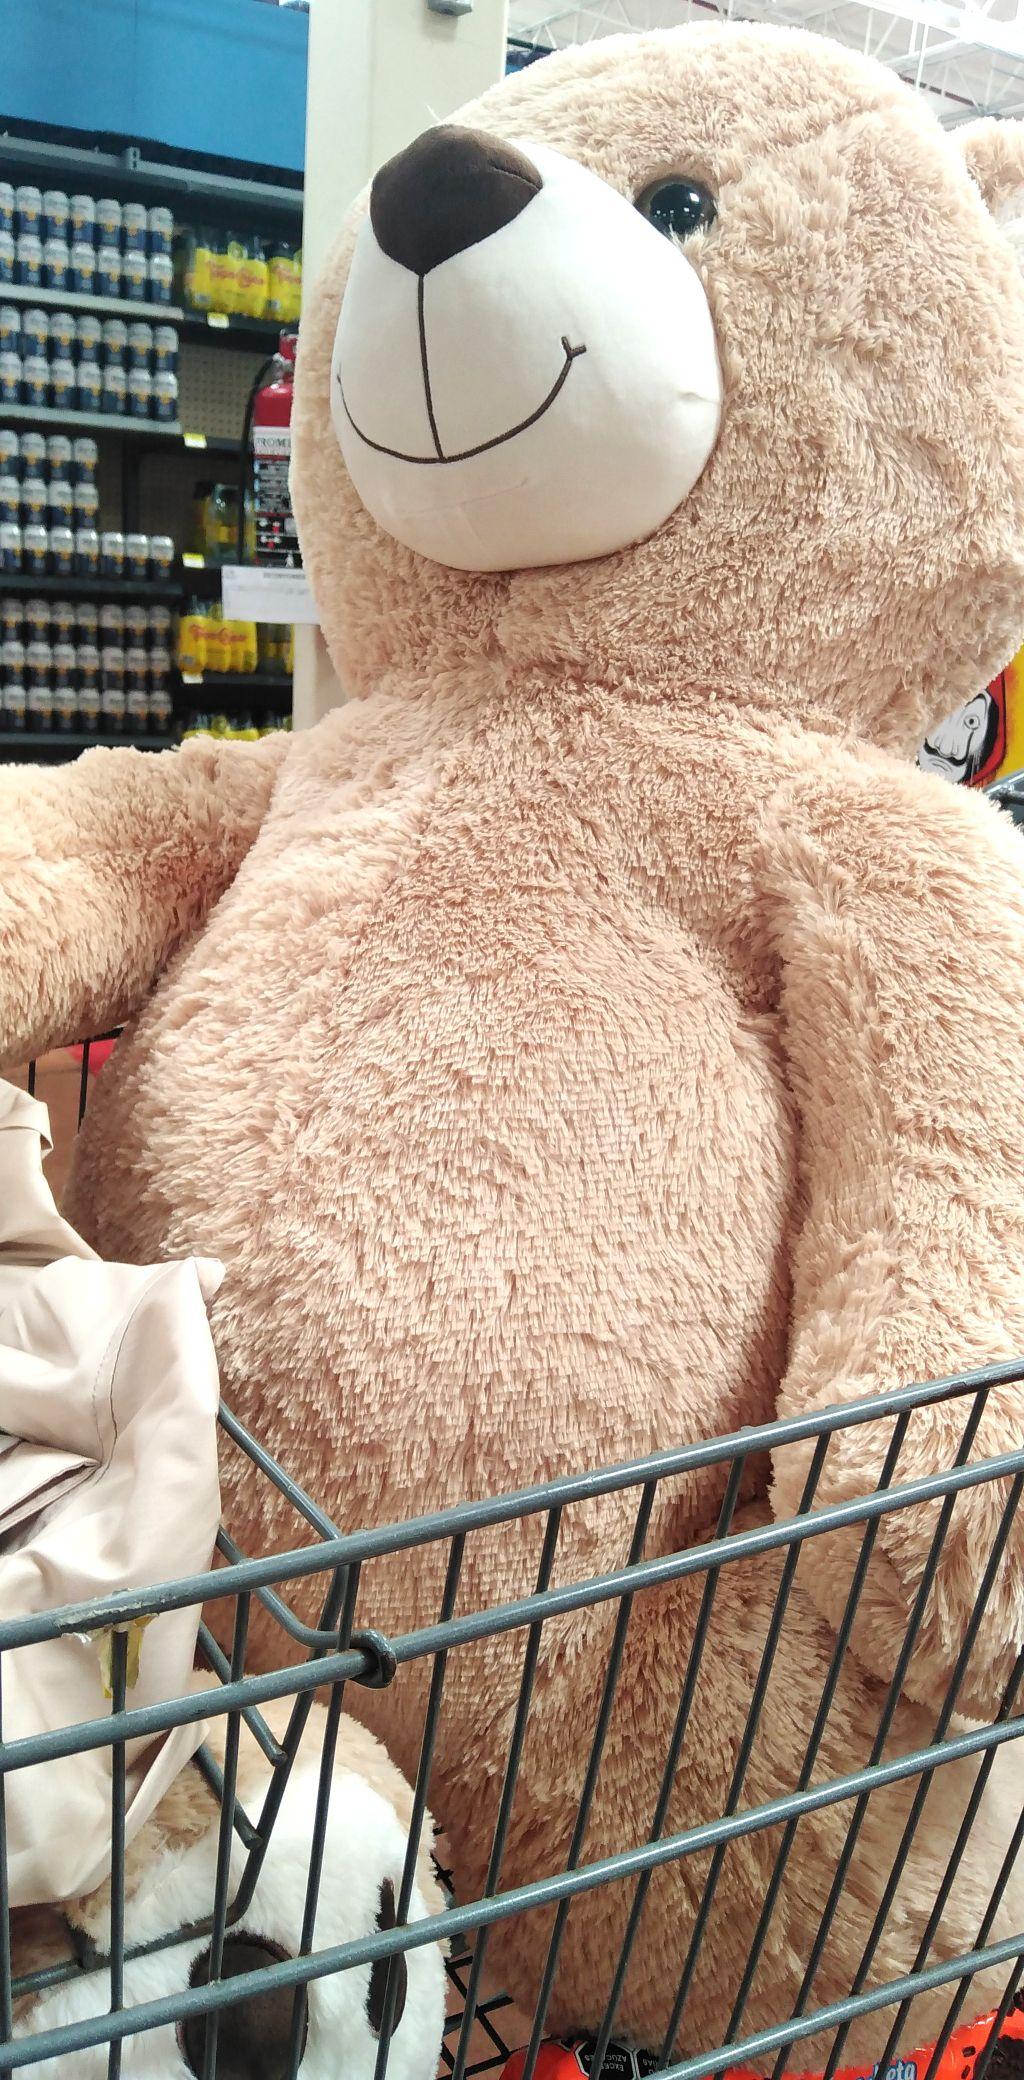 Walmart: Oso peluche Jumbo (mini promonovela)